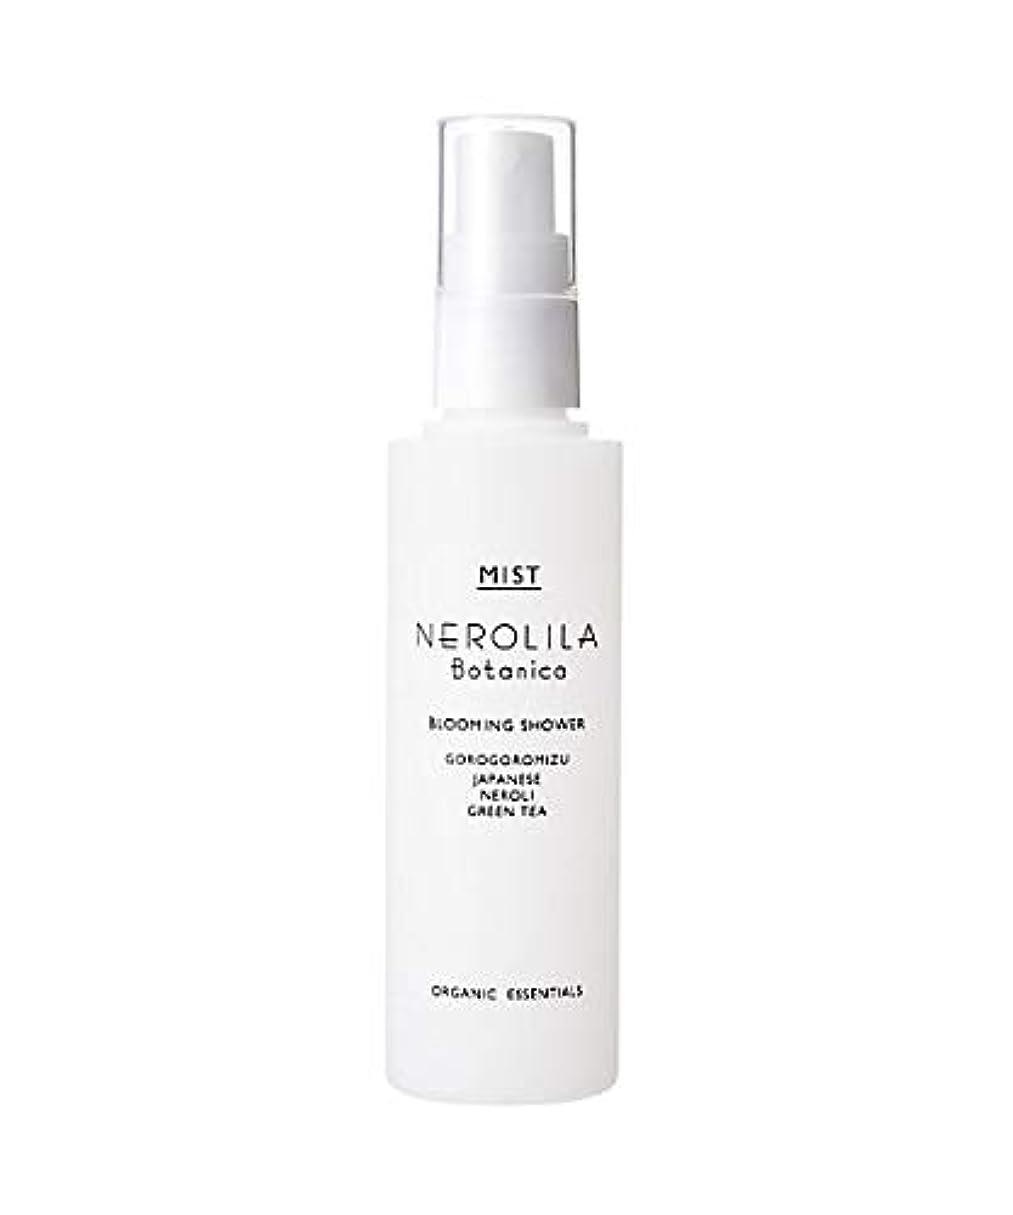 傾向があるシンプトン四回NEROLILA Botanica(ネロリラ ボタニカ)全身化粧水NR_100mL/化粧水